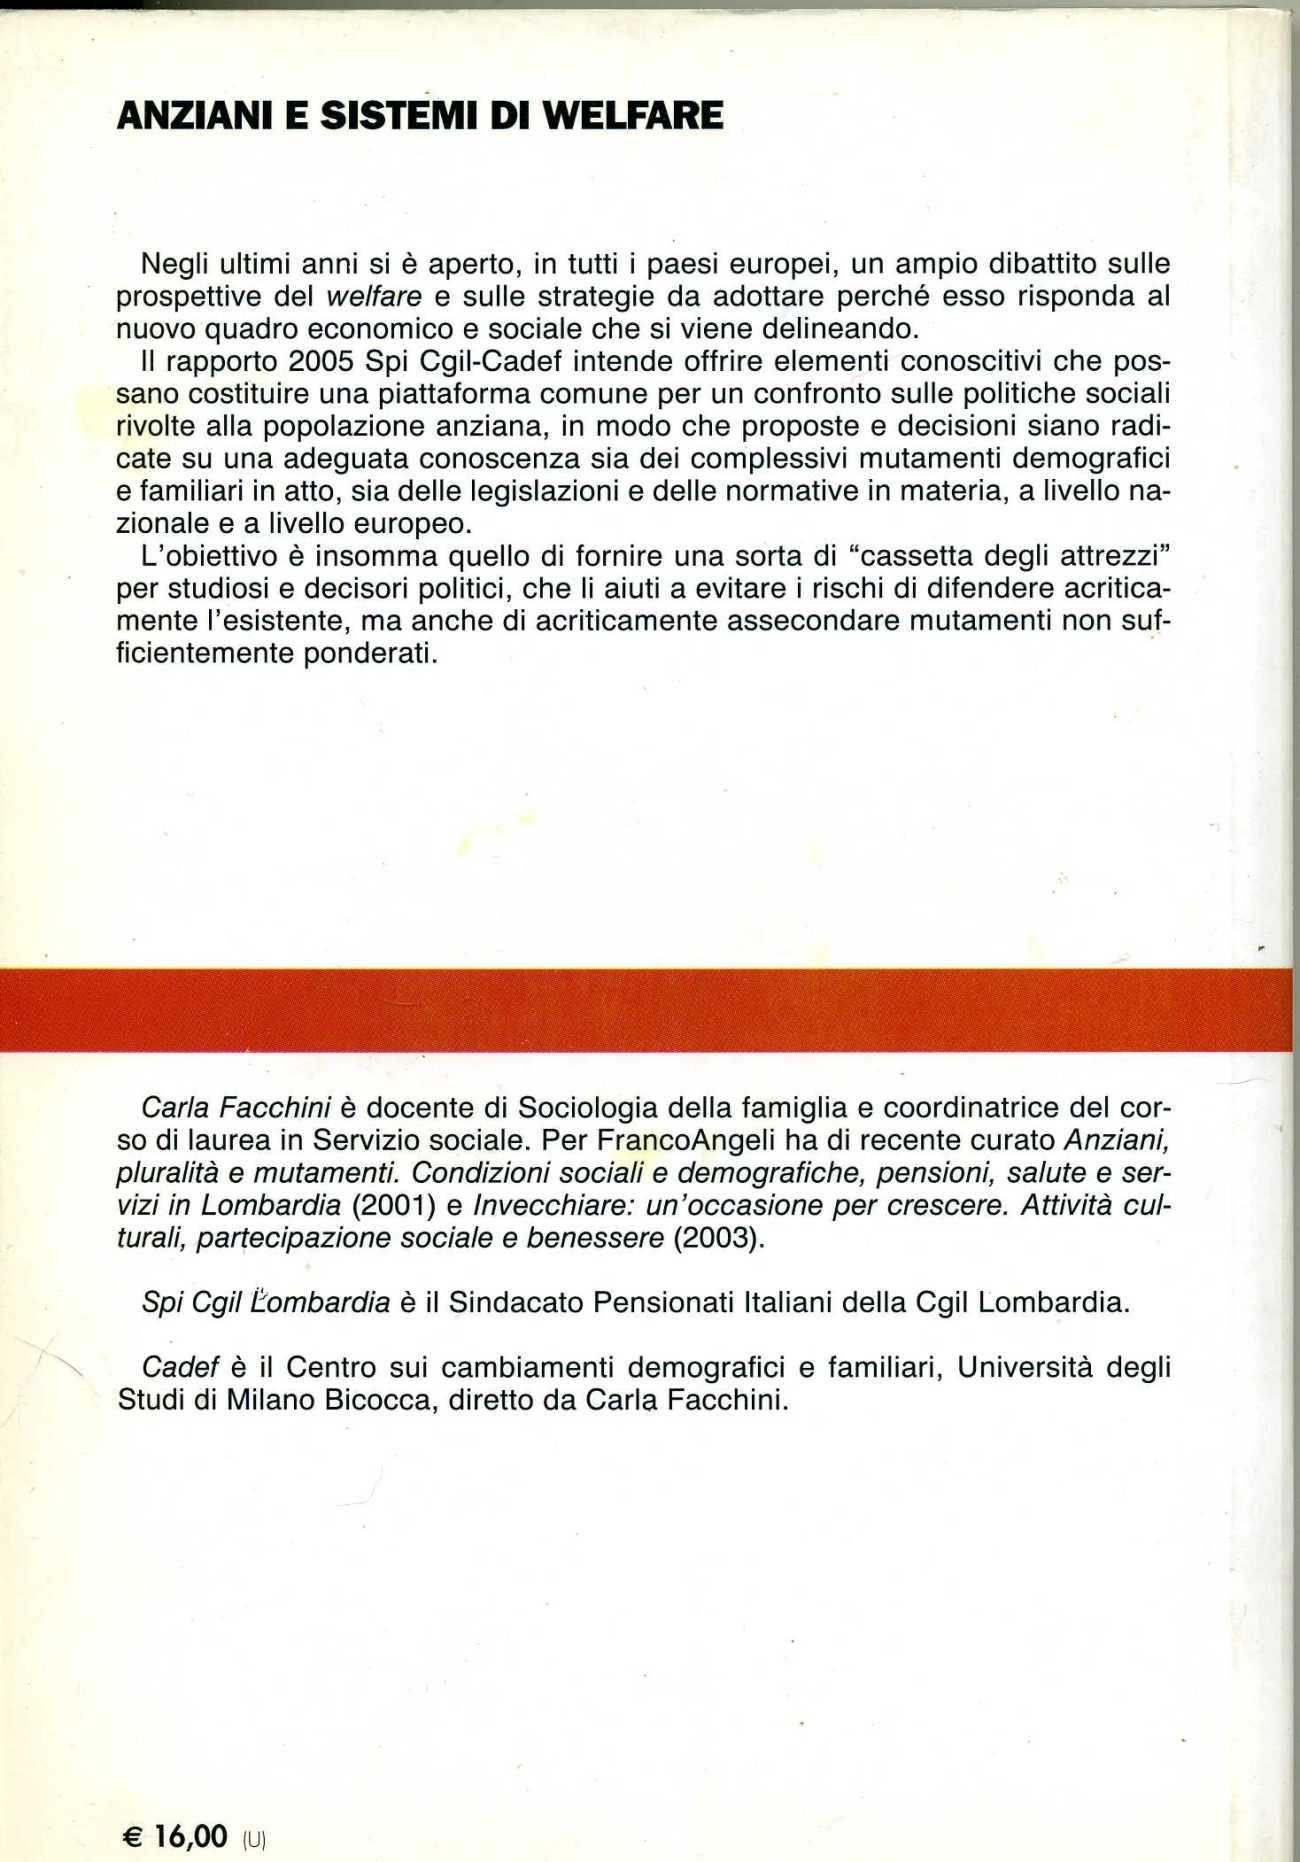 FACCHINI20052554